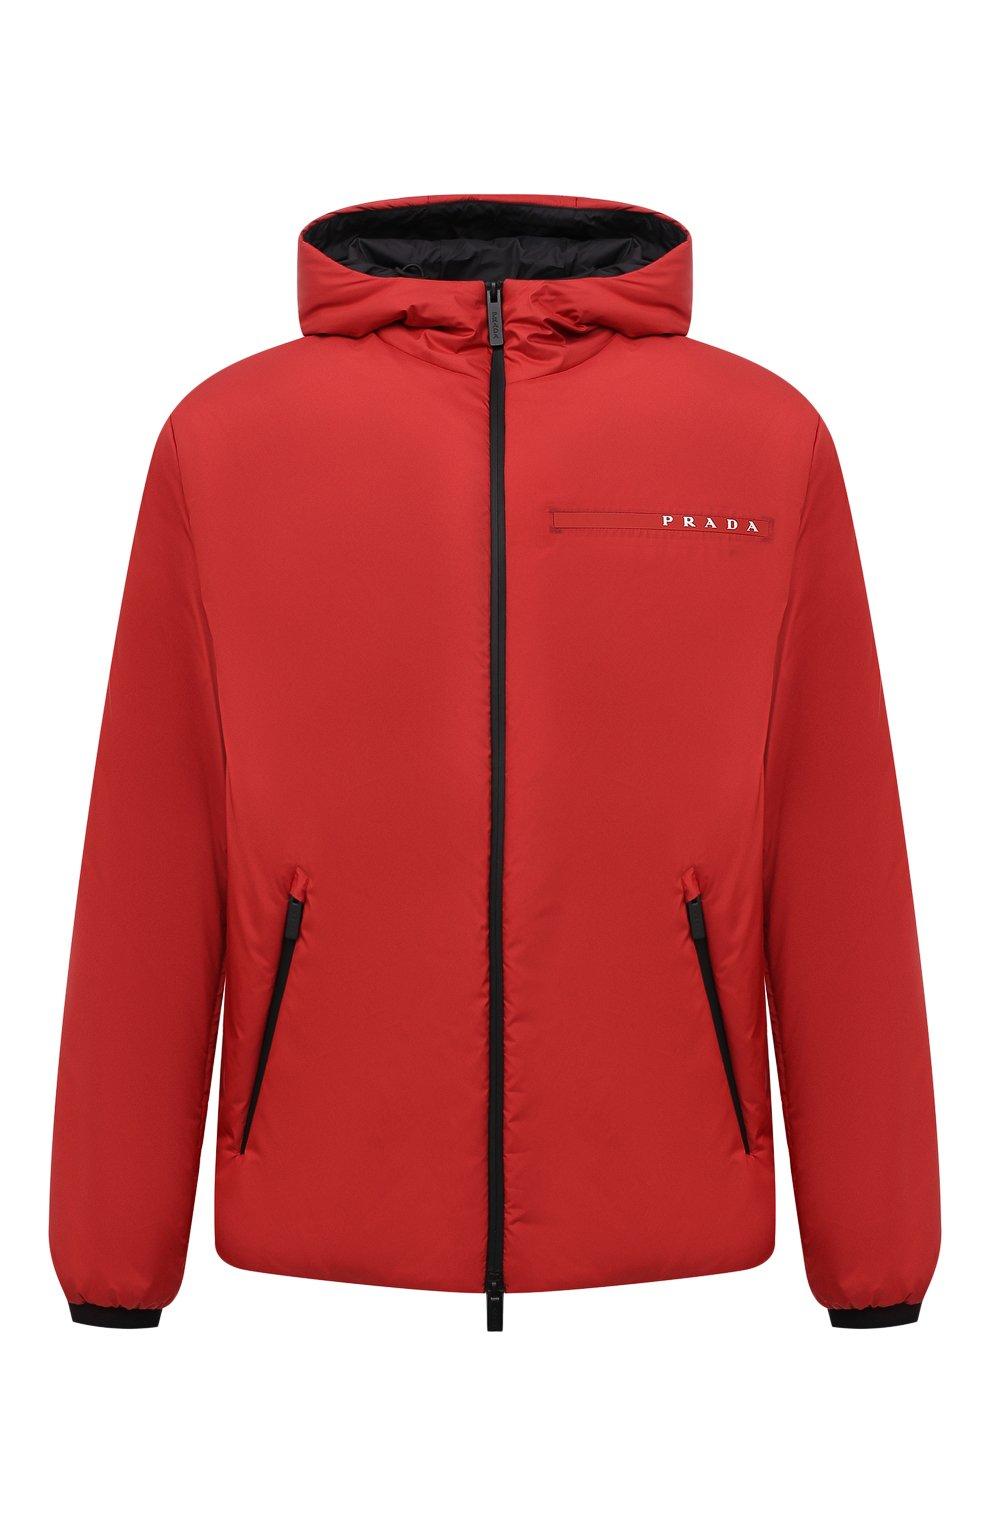 Мужская утепленная куртка PRADA красного цвета, арт. SGB296-1XYW-F0011-192   Фото 1 (Кросс-КТ: Куртка; Мужское Кросс-КТ: пуховик-короткий; Рукава: Длинные; Материал внешний: Синтетический материал; Длина (верхняя одежда): Короткие; Стили: Кэжуэл)